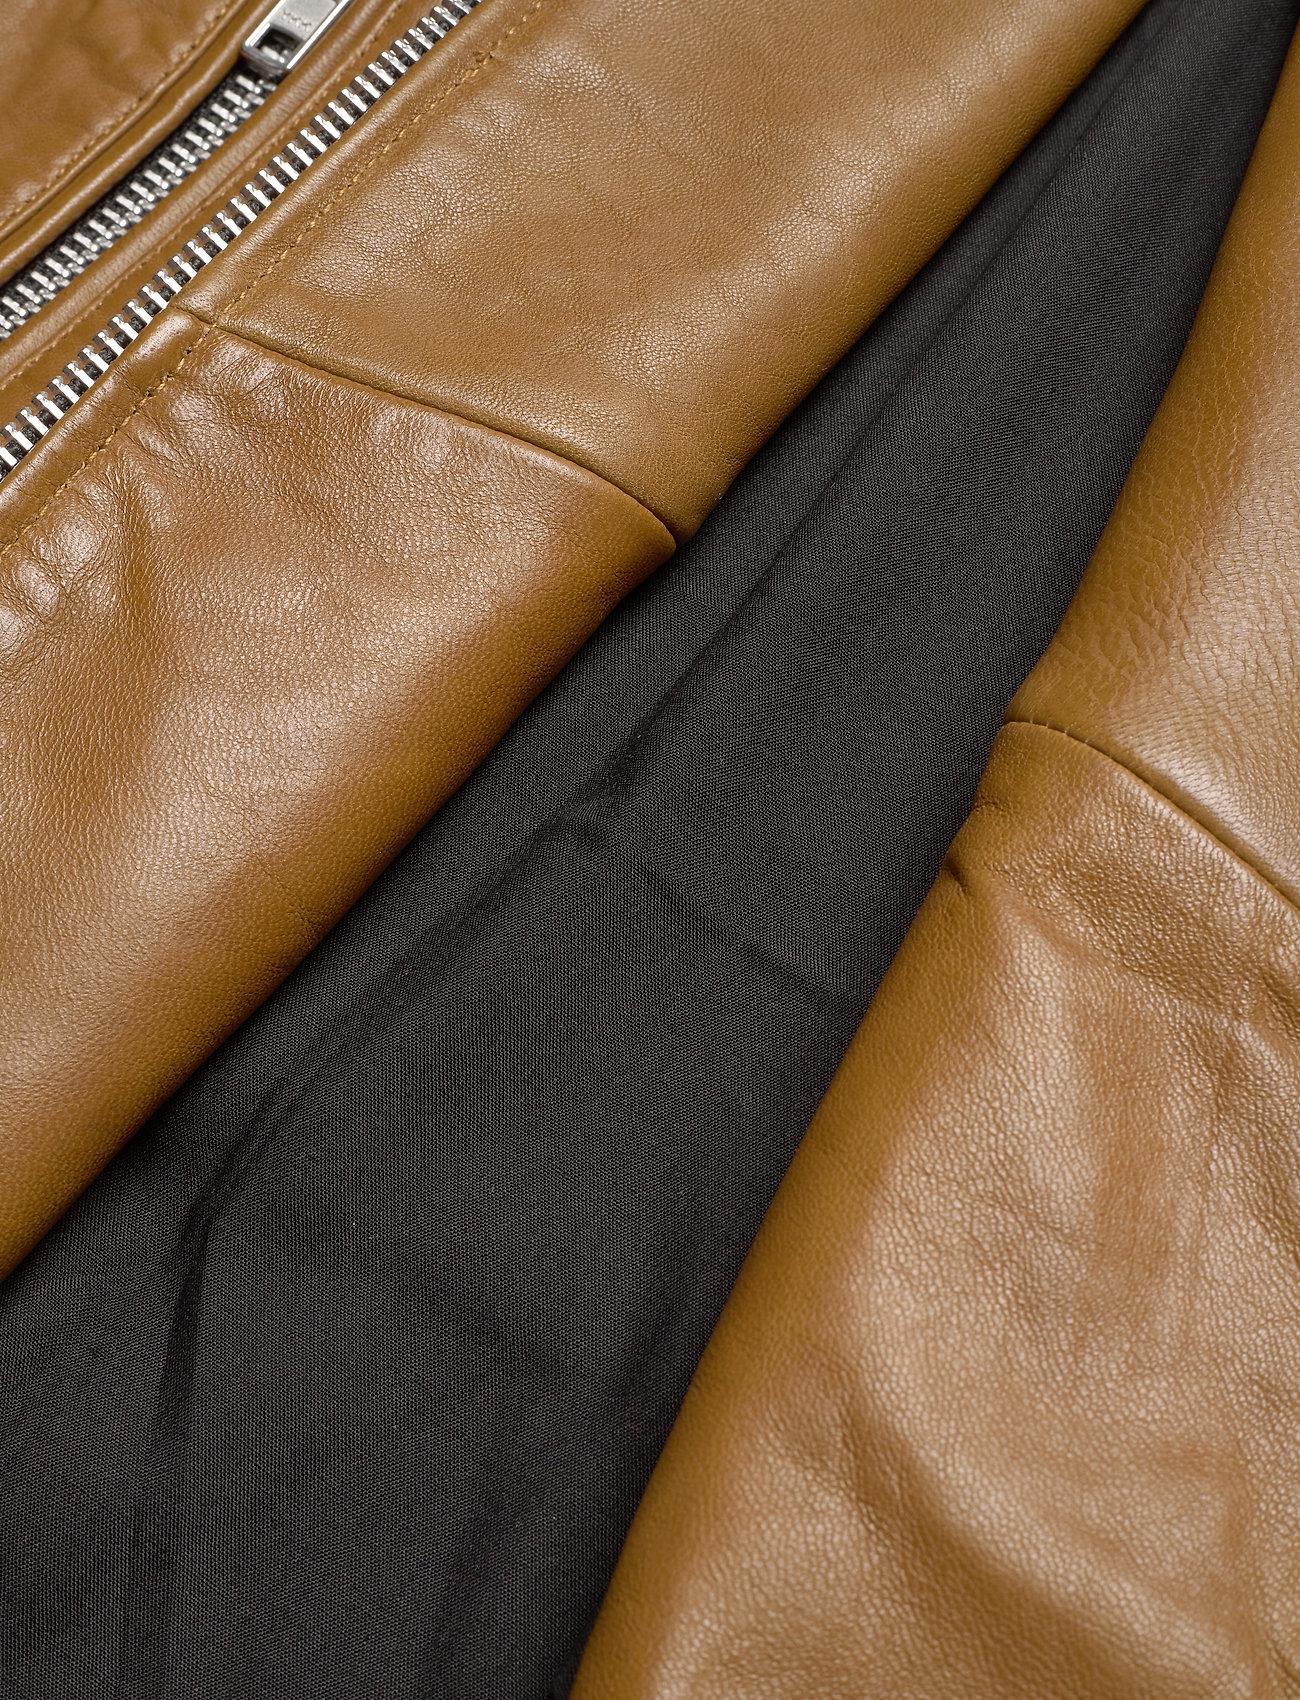 Mdk / Munderingskompagniet Frida Vegetal Leather Jacket (dark Green) - Jackor & Kappor